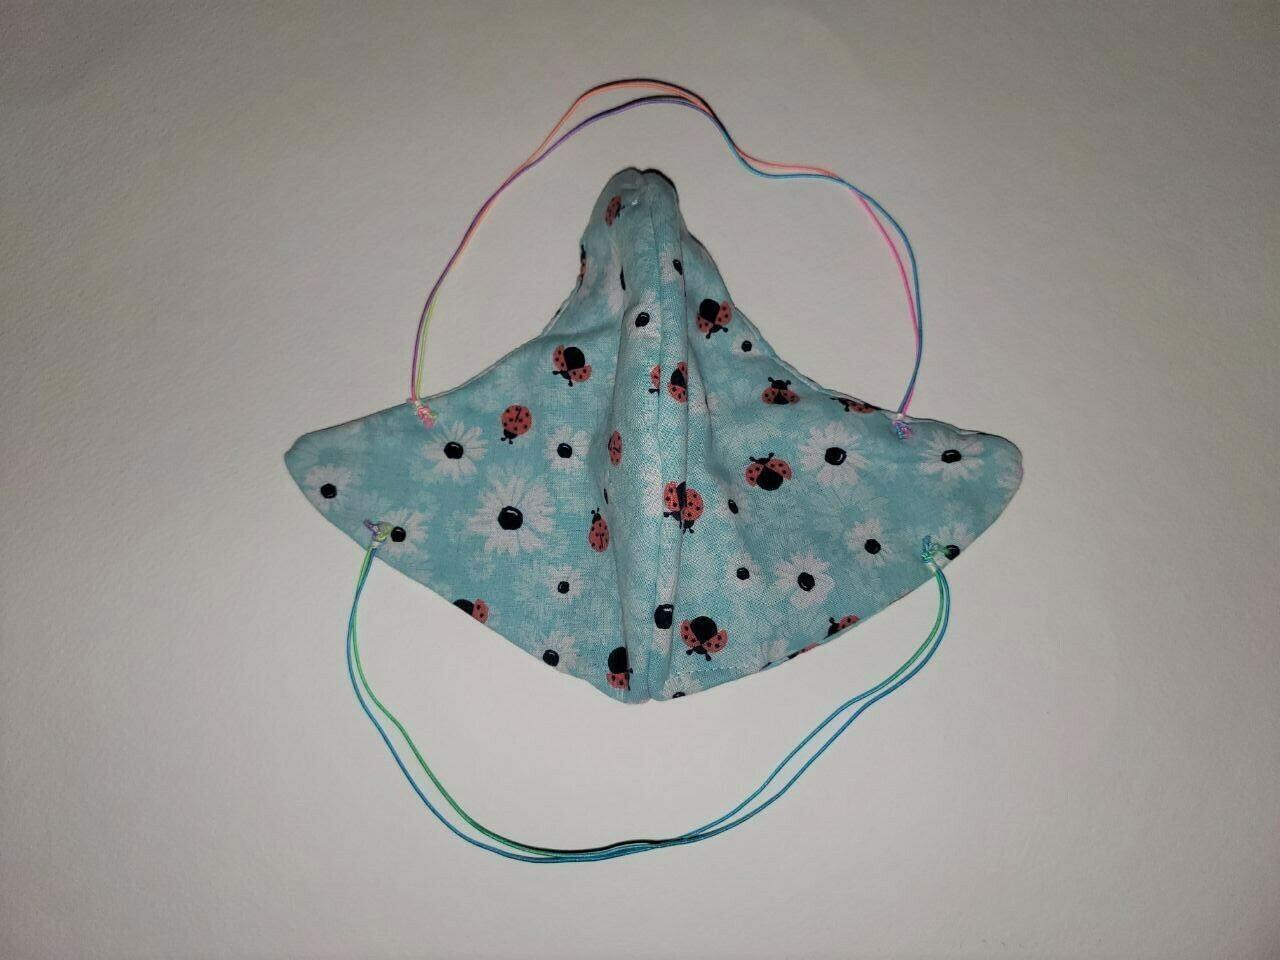 Ladybug Picnic Mask #1